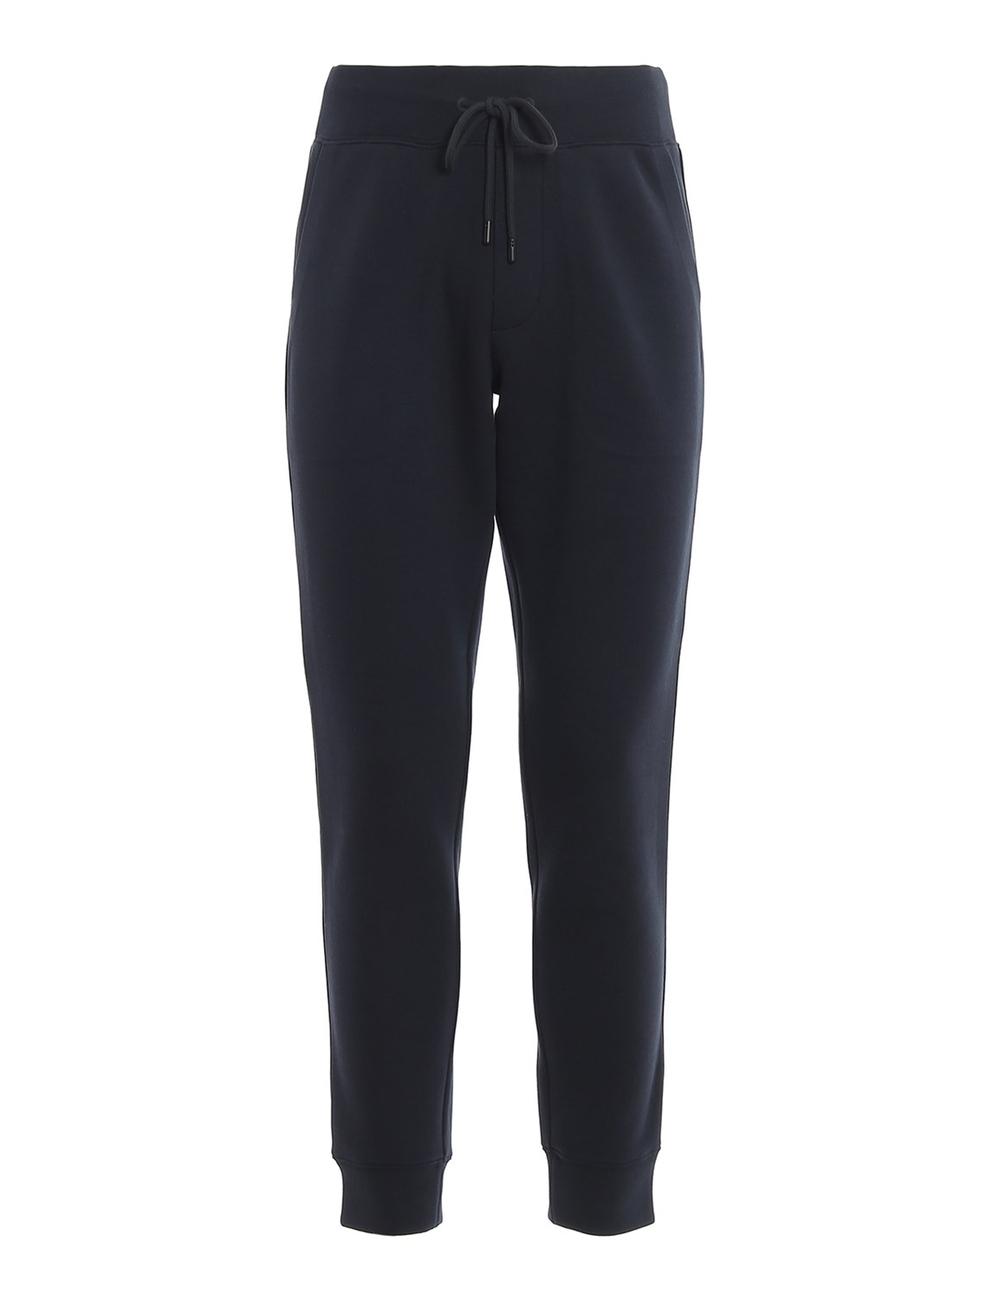 彈力高科技棉質慢跑褲,腰部有鬆緊帶和束帶,兩個傾斜口袋,後貼邊口袋。 尺寸類型:歐盟